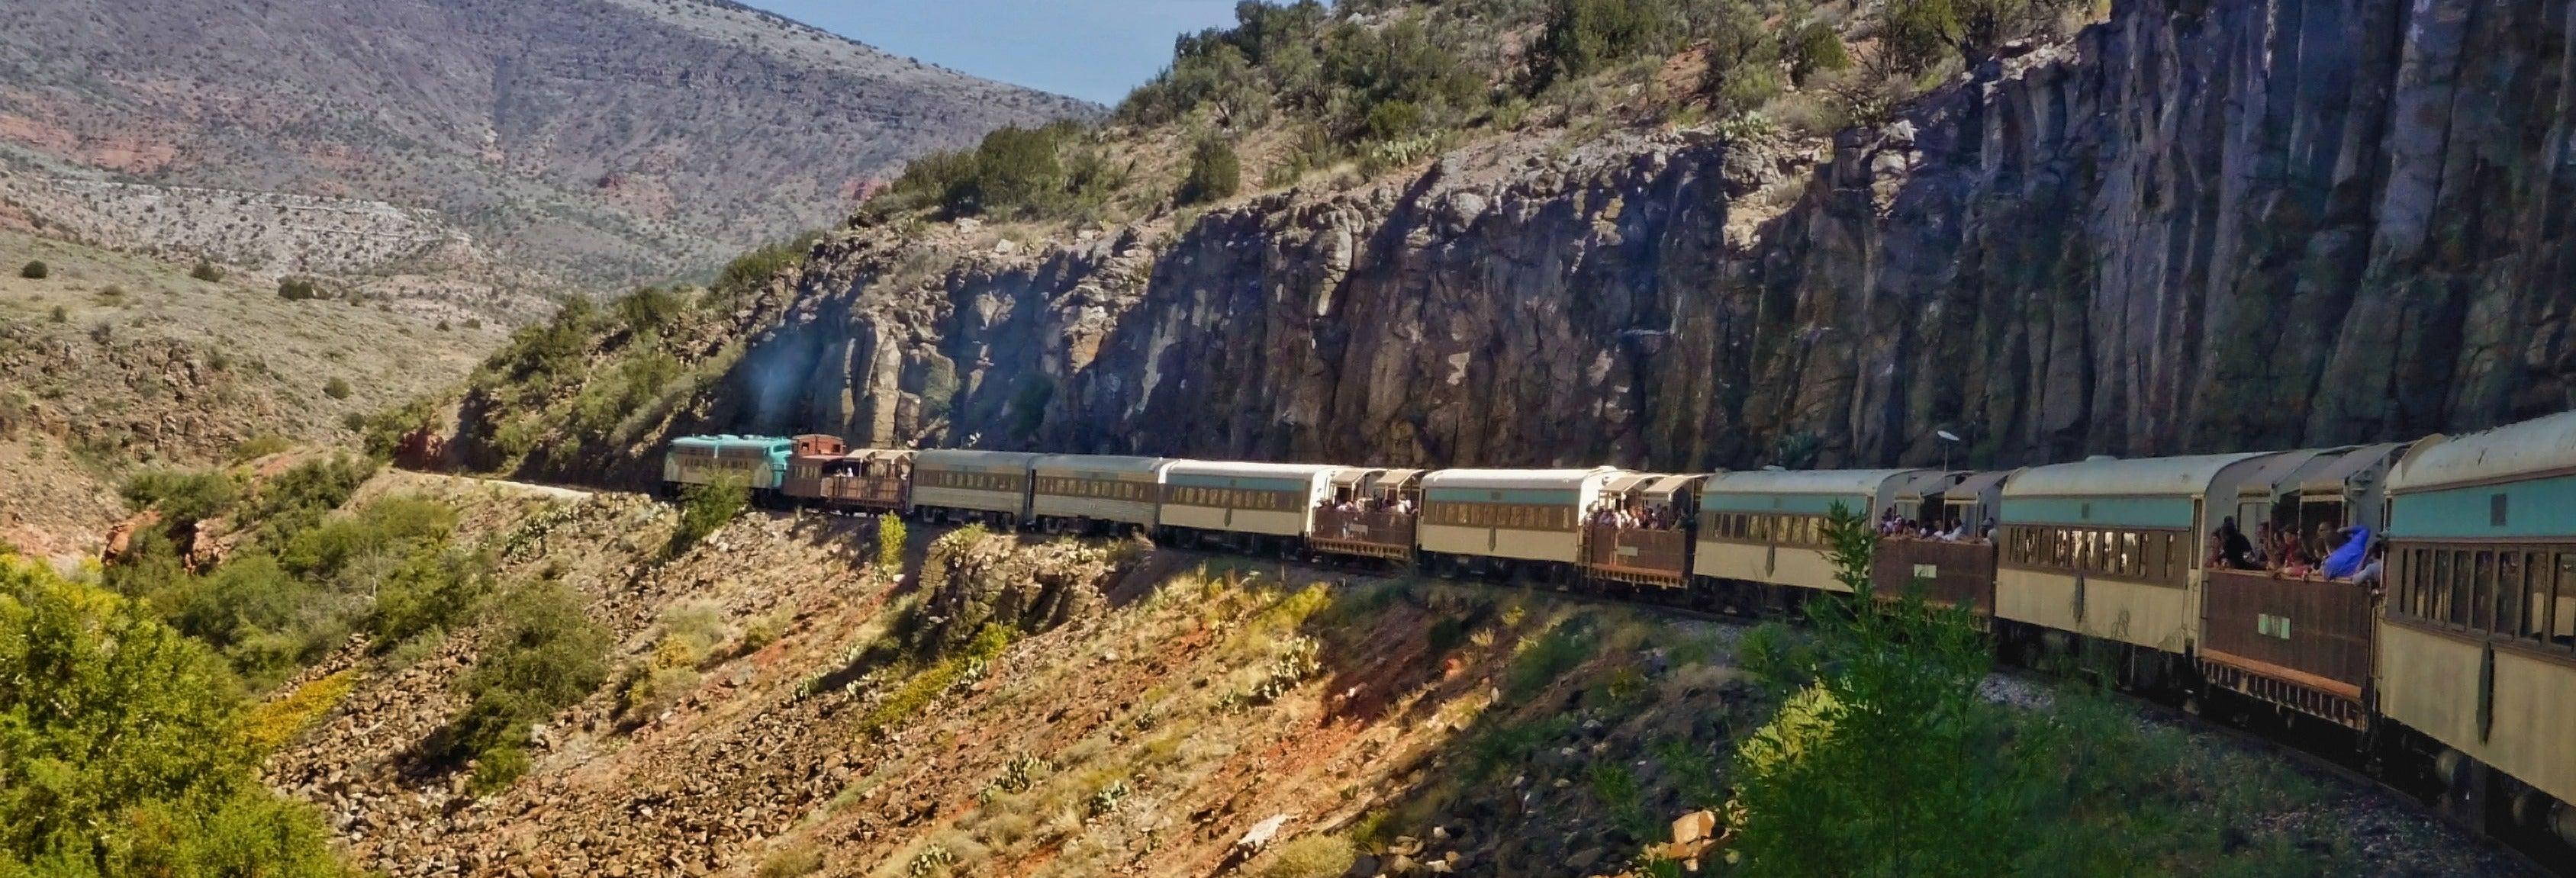 Escursione a Jerome e Clarkdale + Treno Verde Canyon Rail